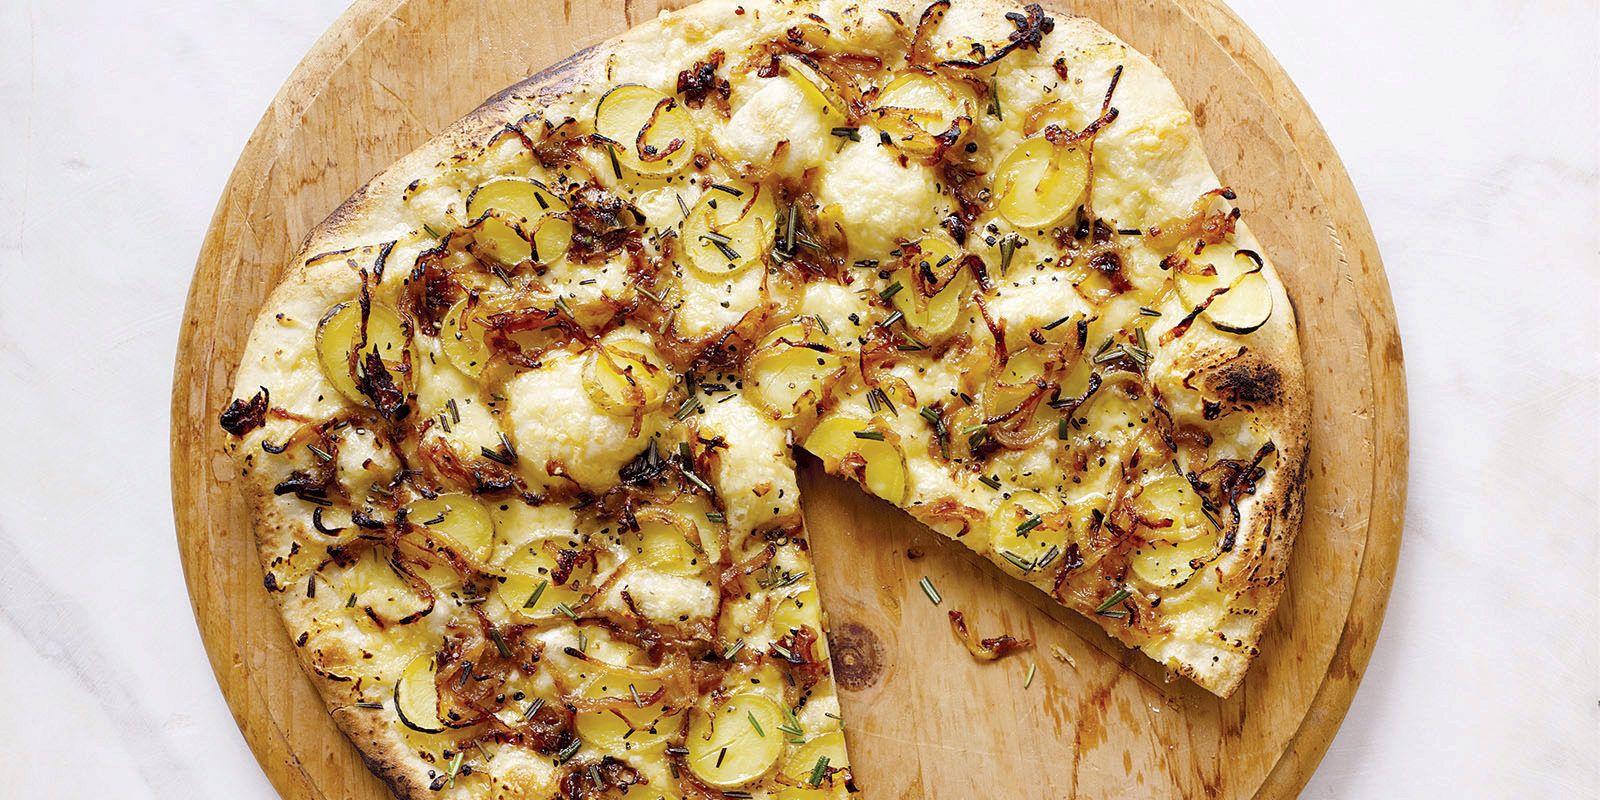 Potato, Caramelized Onion & Rosemary Pizza